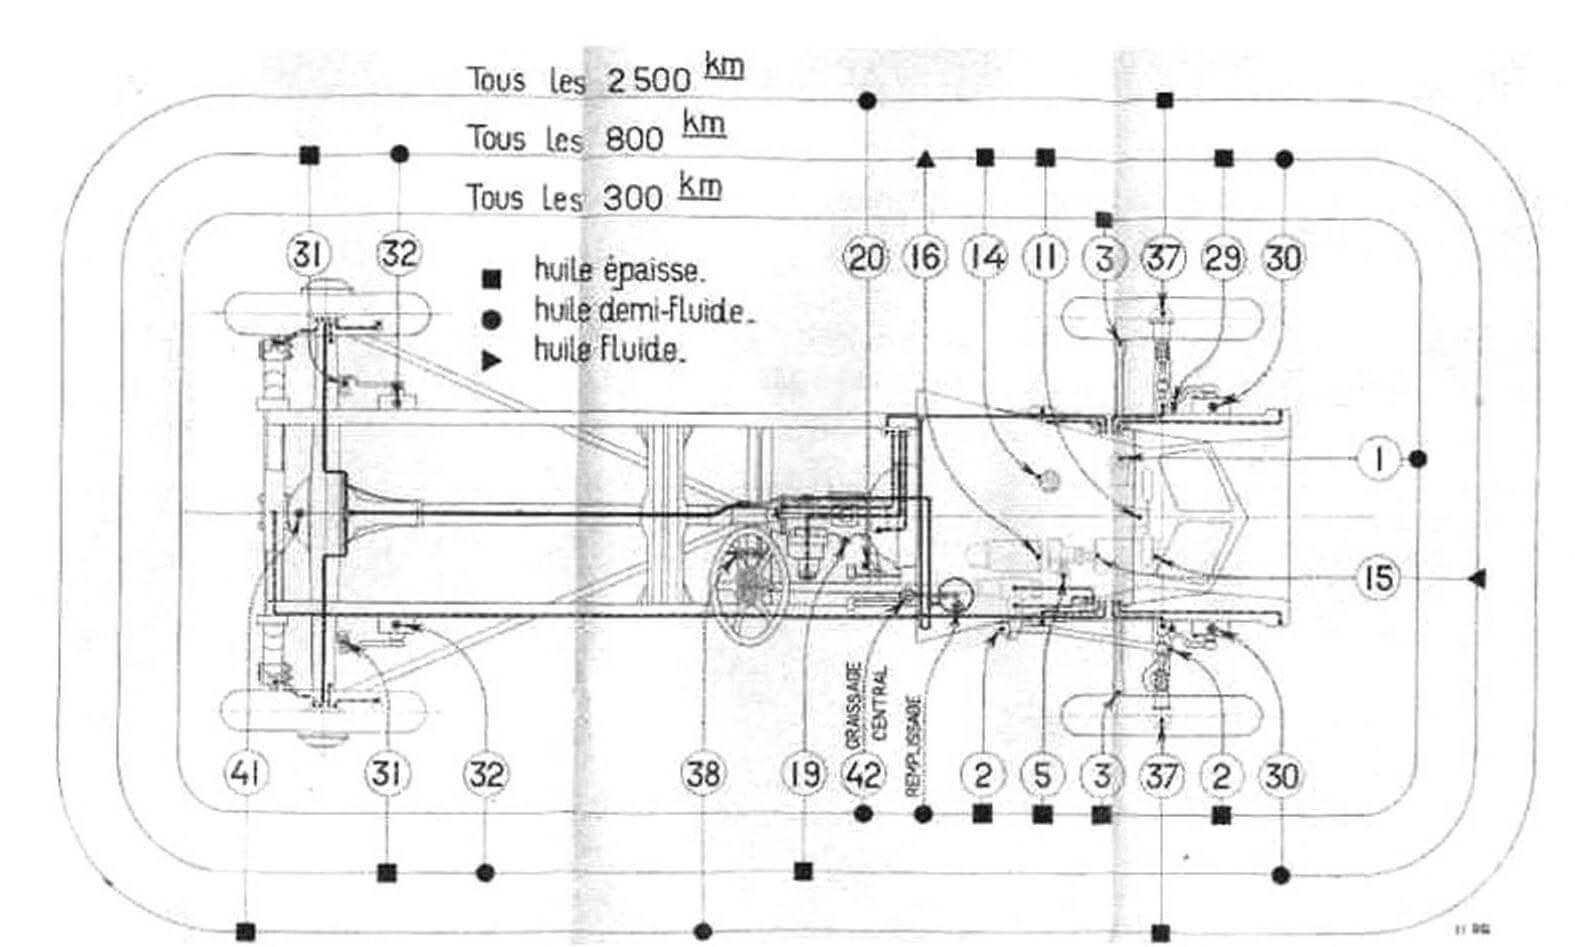 Карта смазки узлов и агрегатов шасси Renault Vivastella PG7 (копии из руководства 1931 г.)